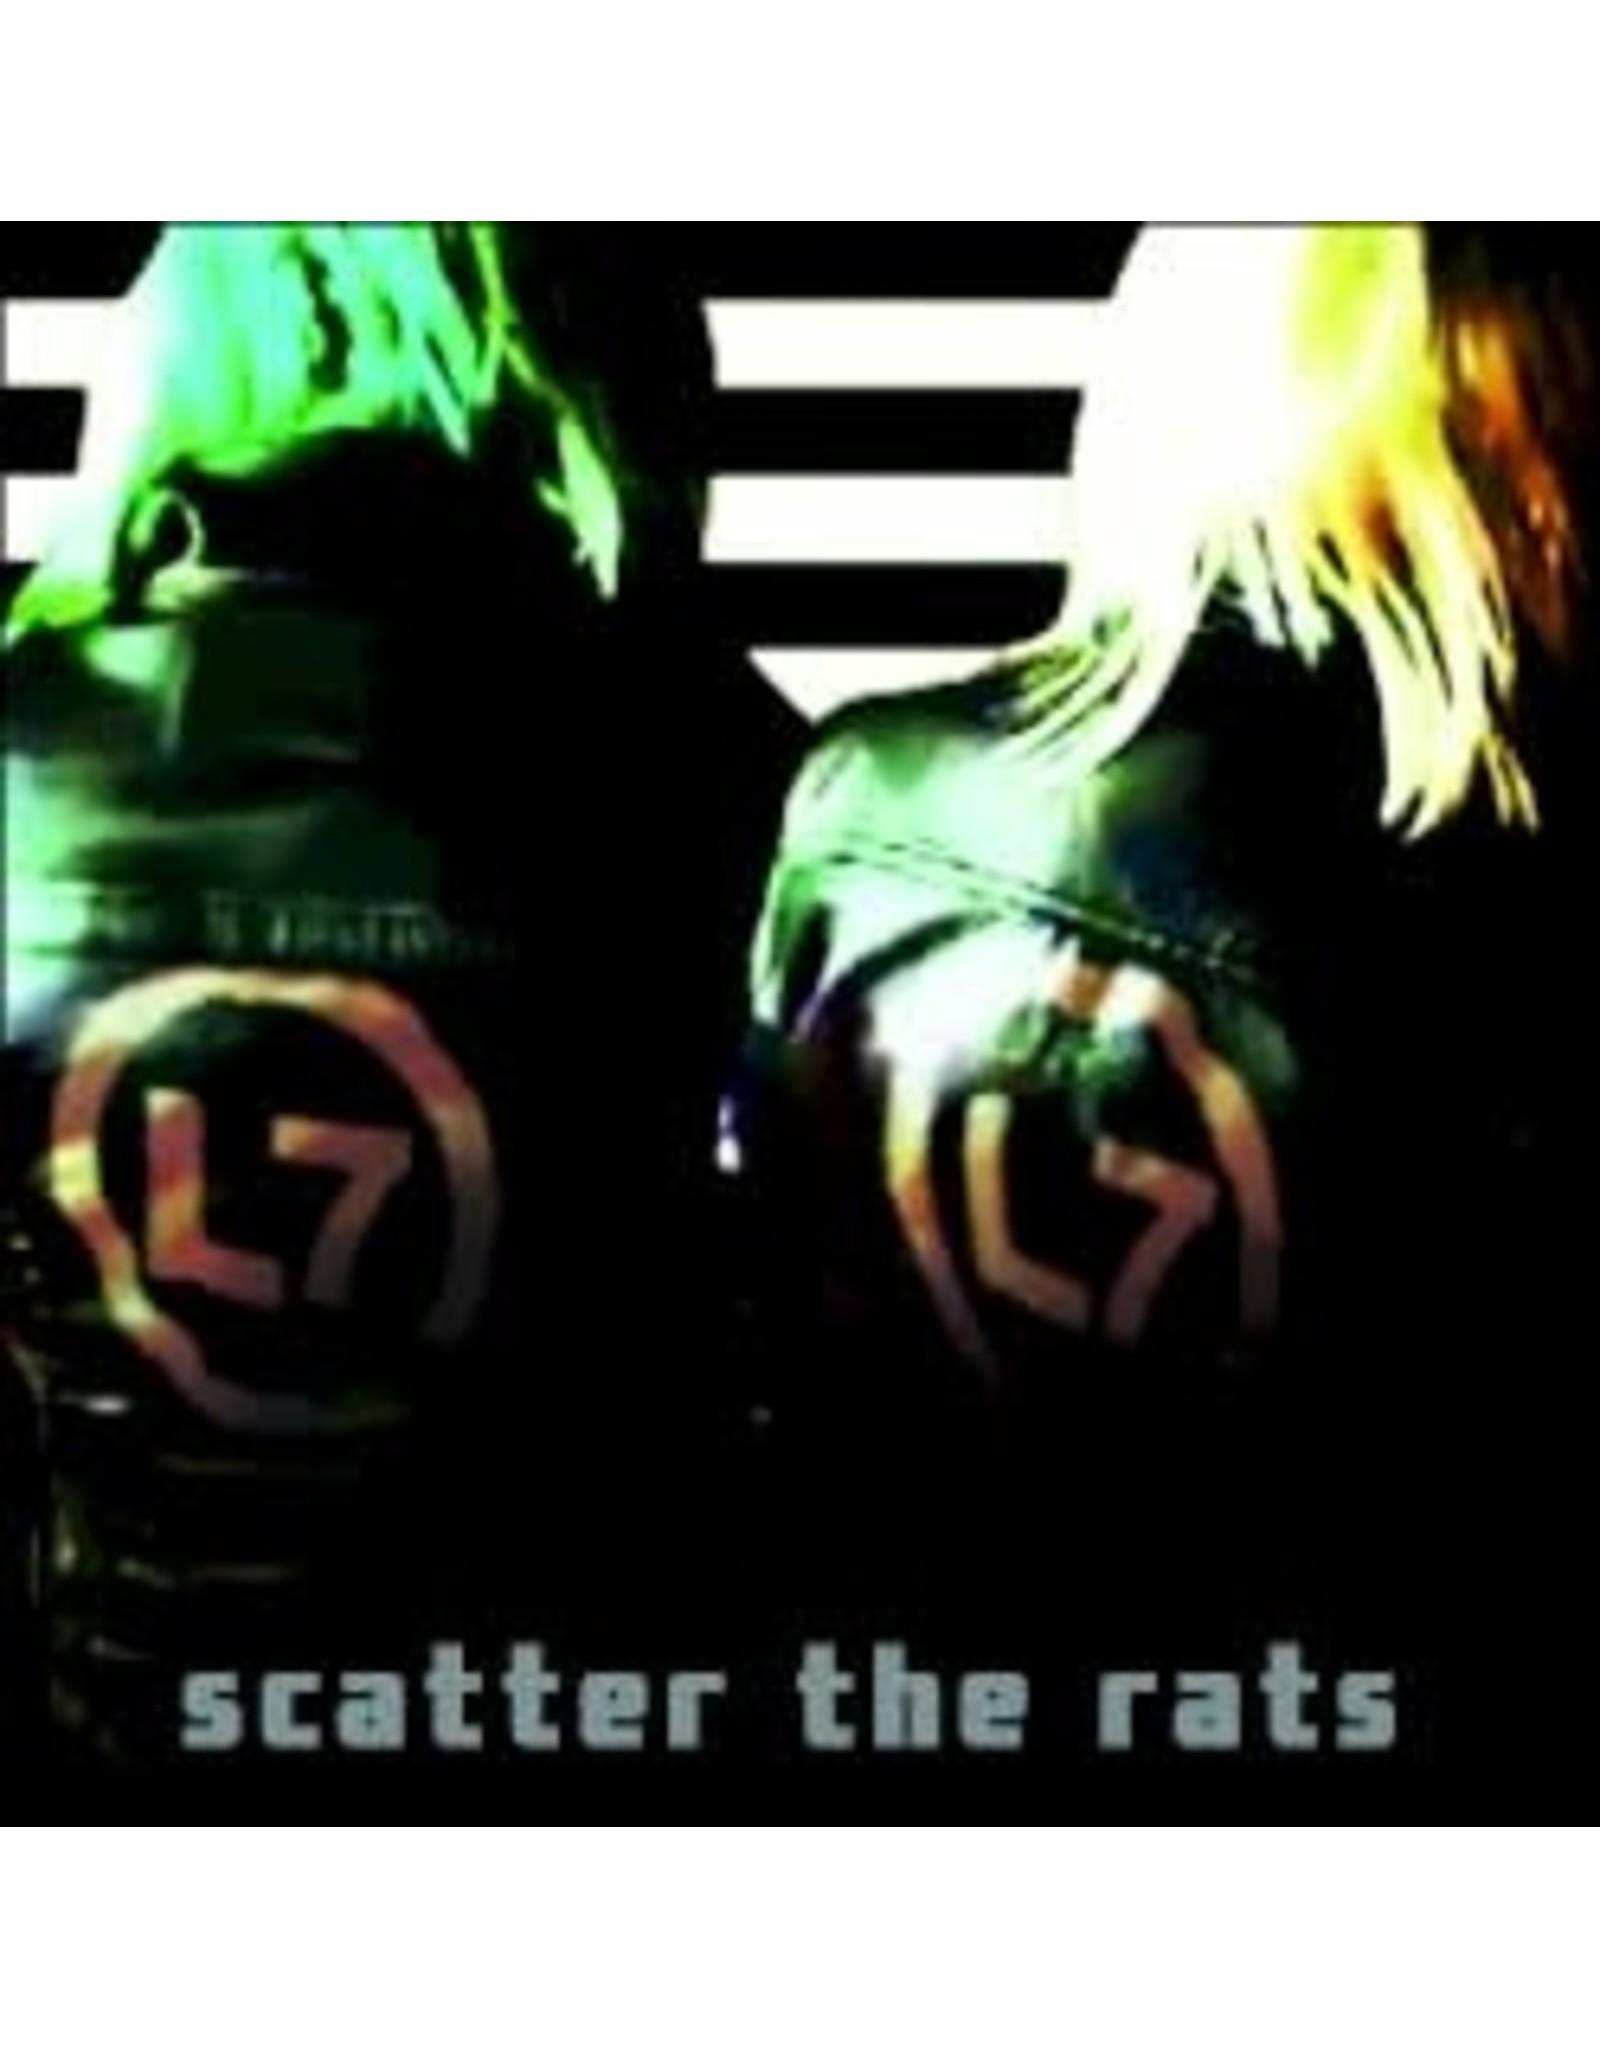 L7 - Scatter the Rats LP